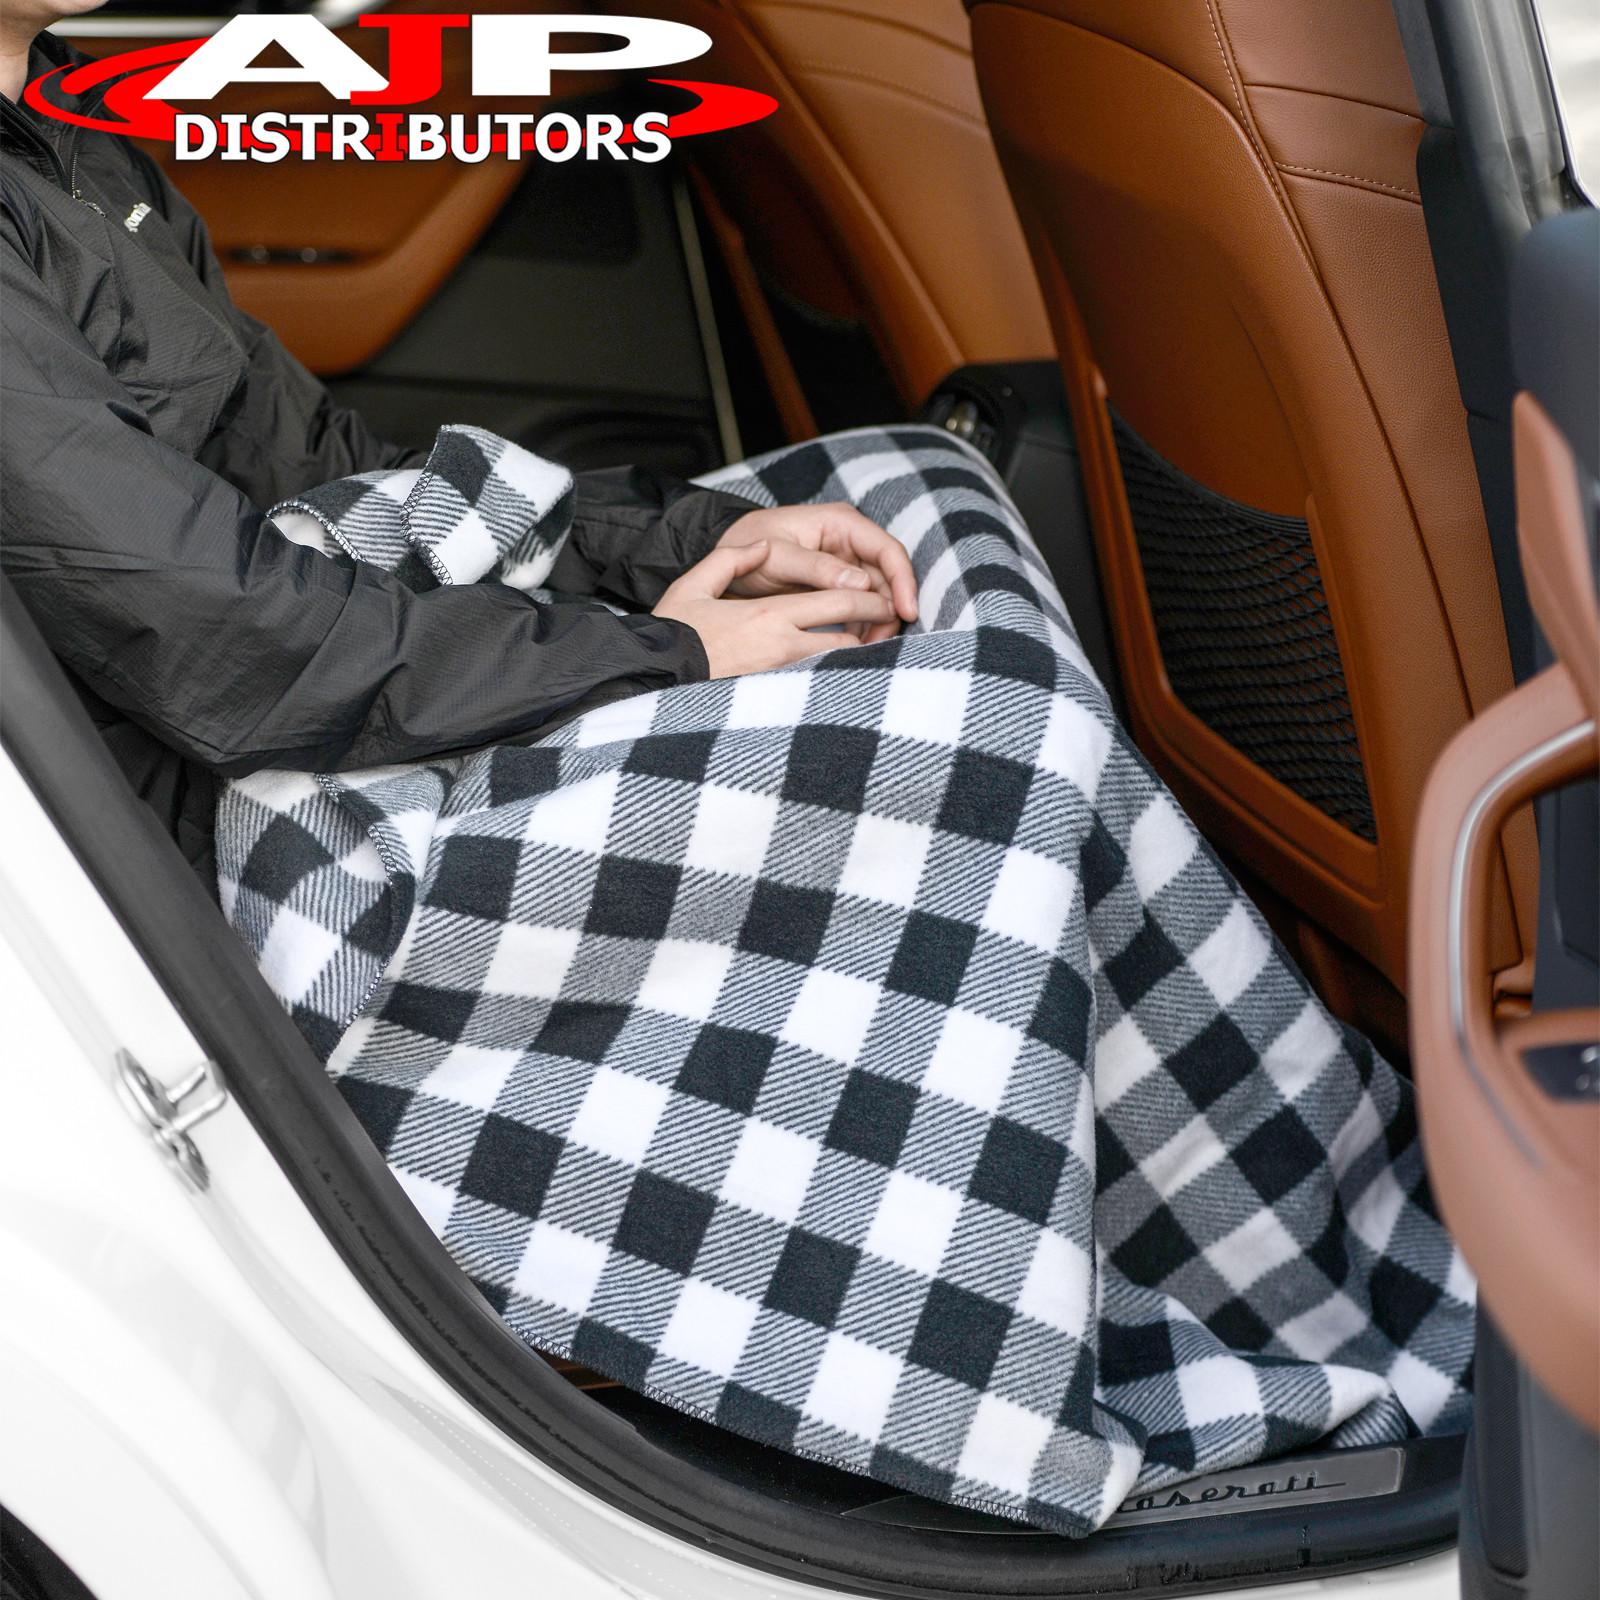 12V Heated Electric Fleece Gray Grey Cozy Blanket Automotive Car Truck SUV Van